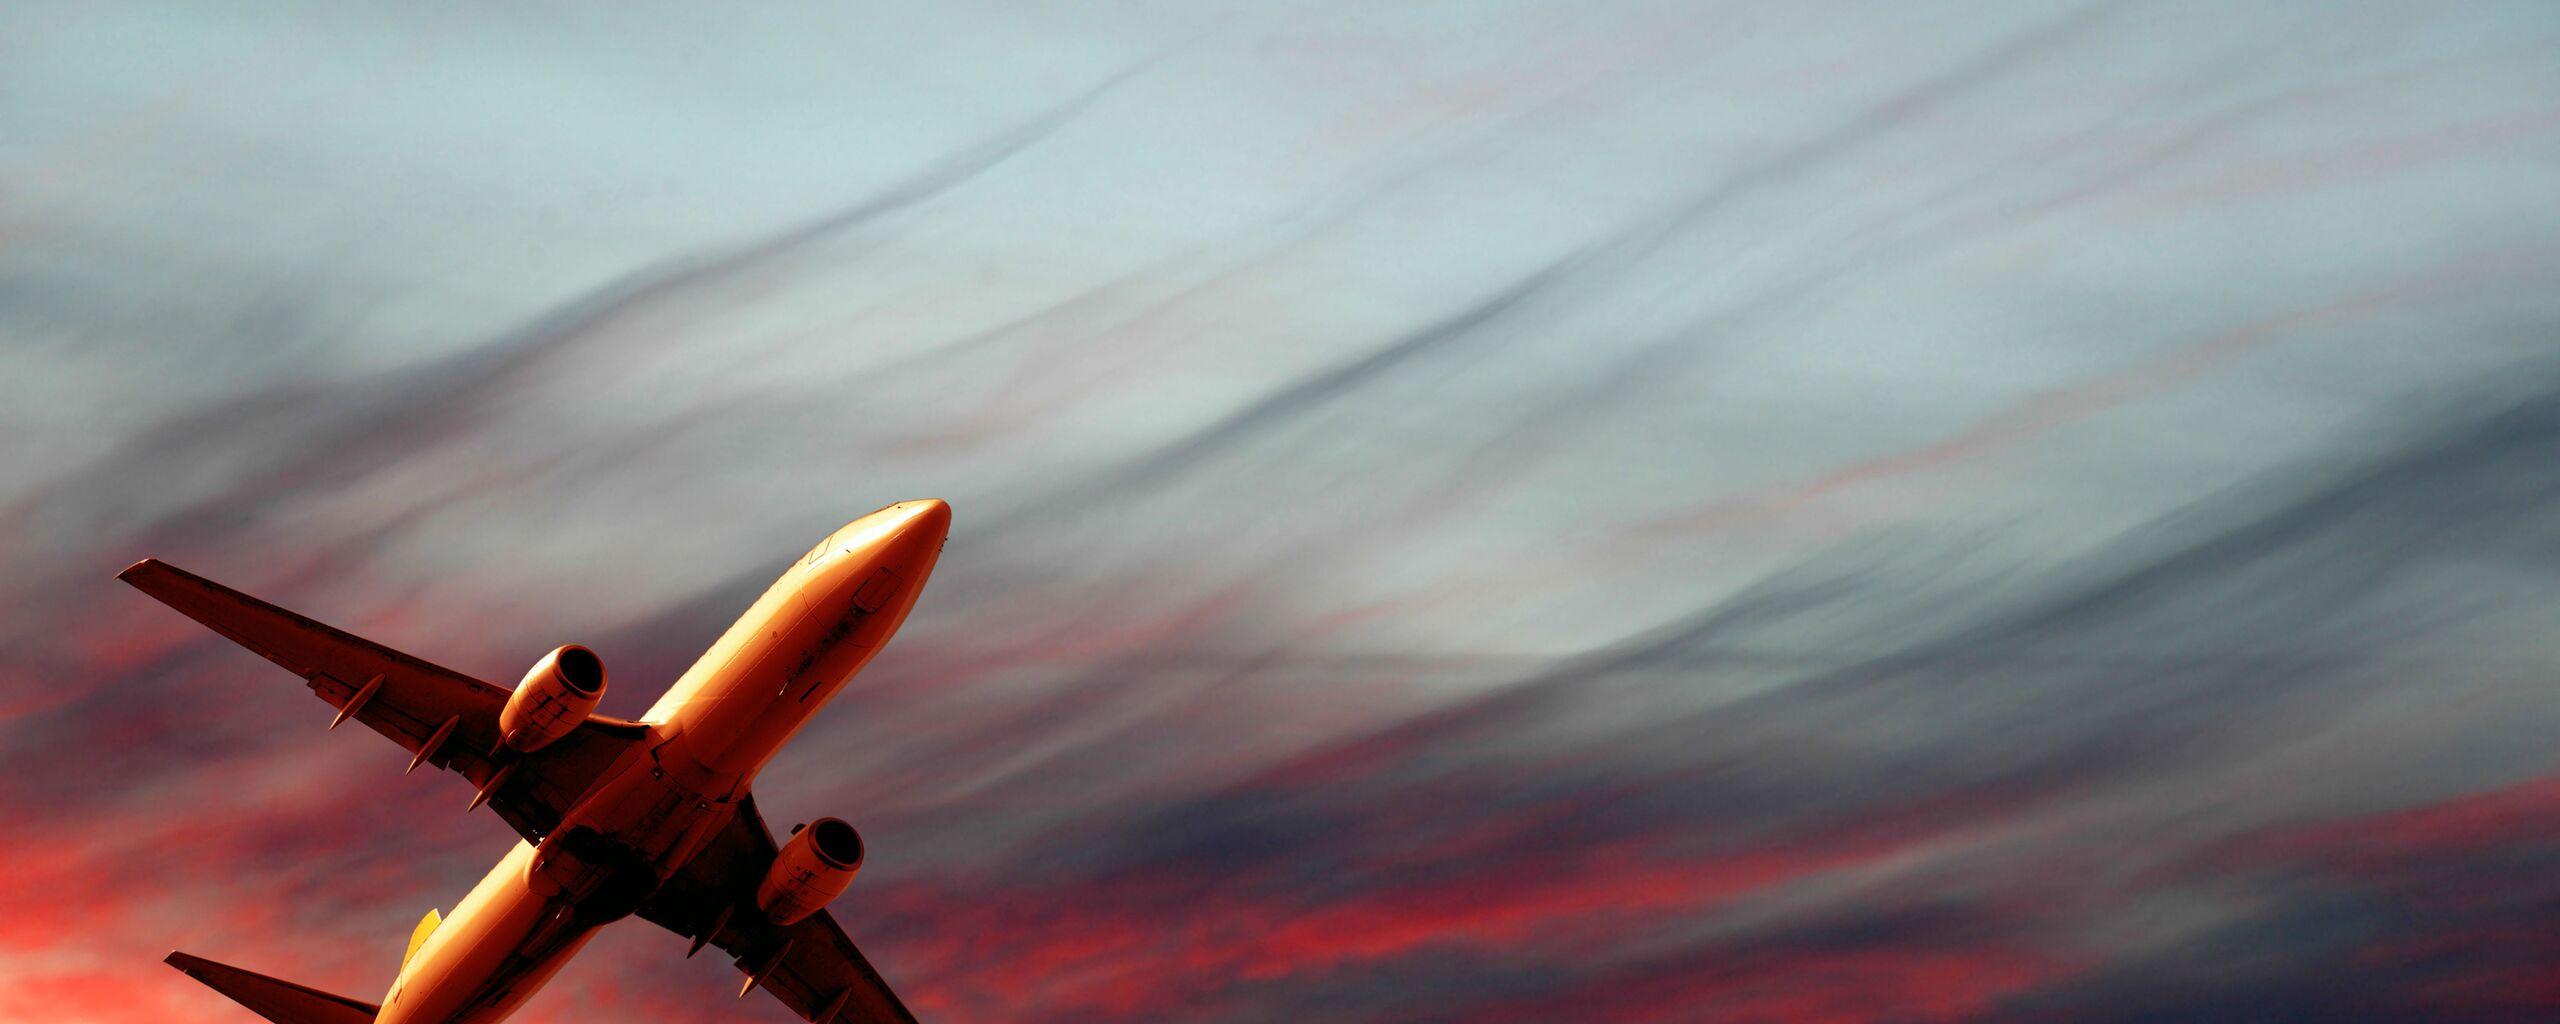 passenger-plane-5k-im.jpg